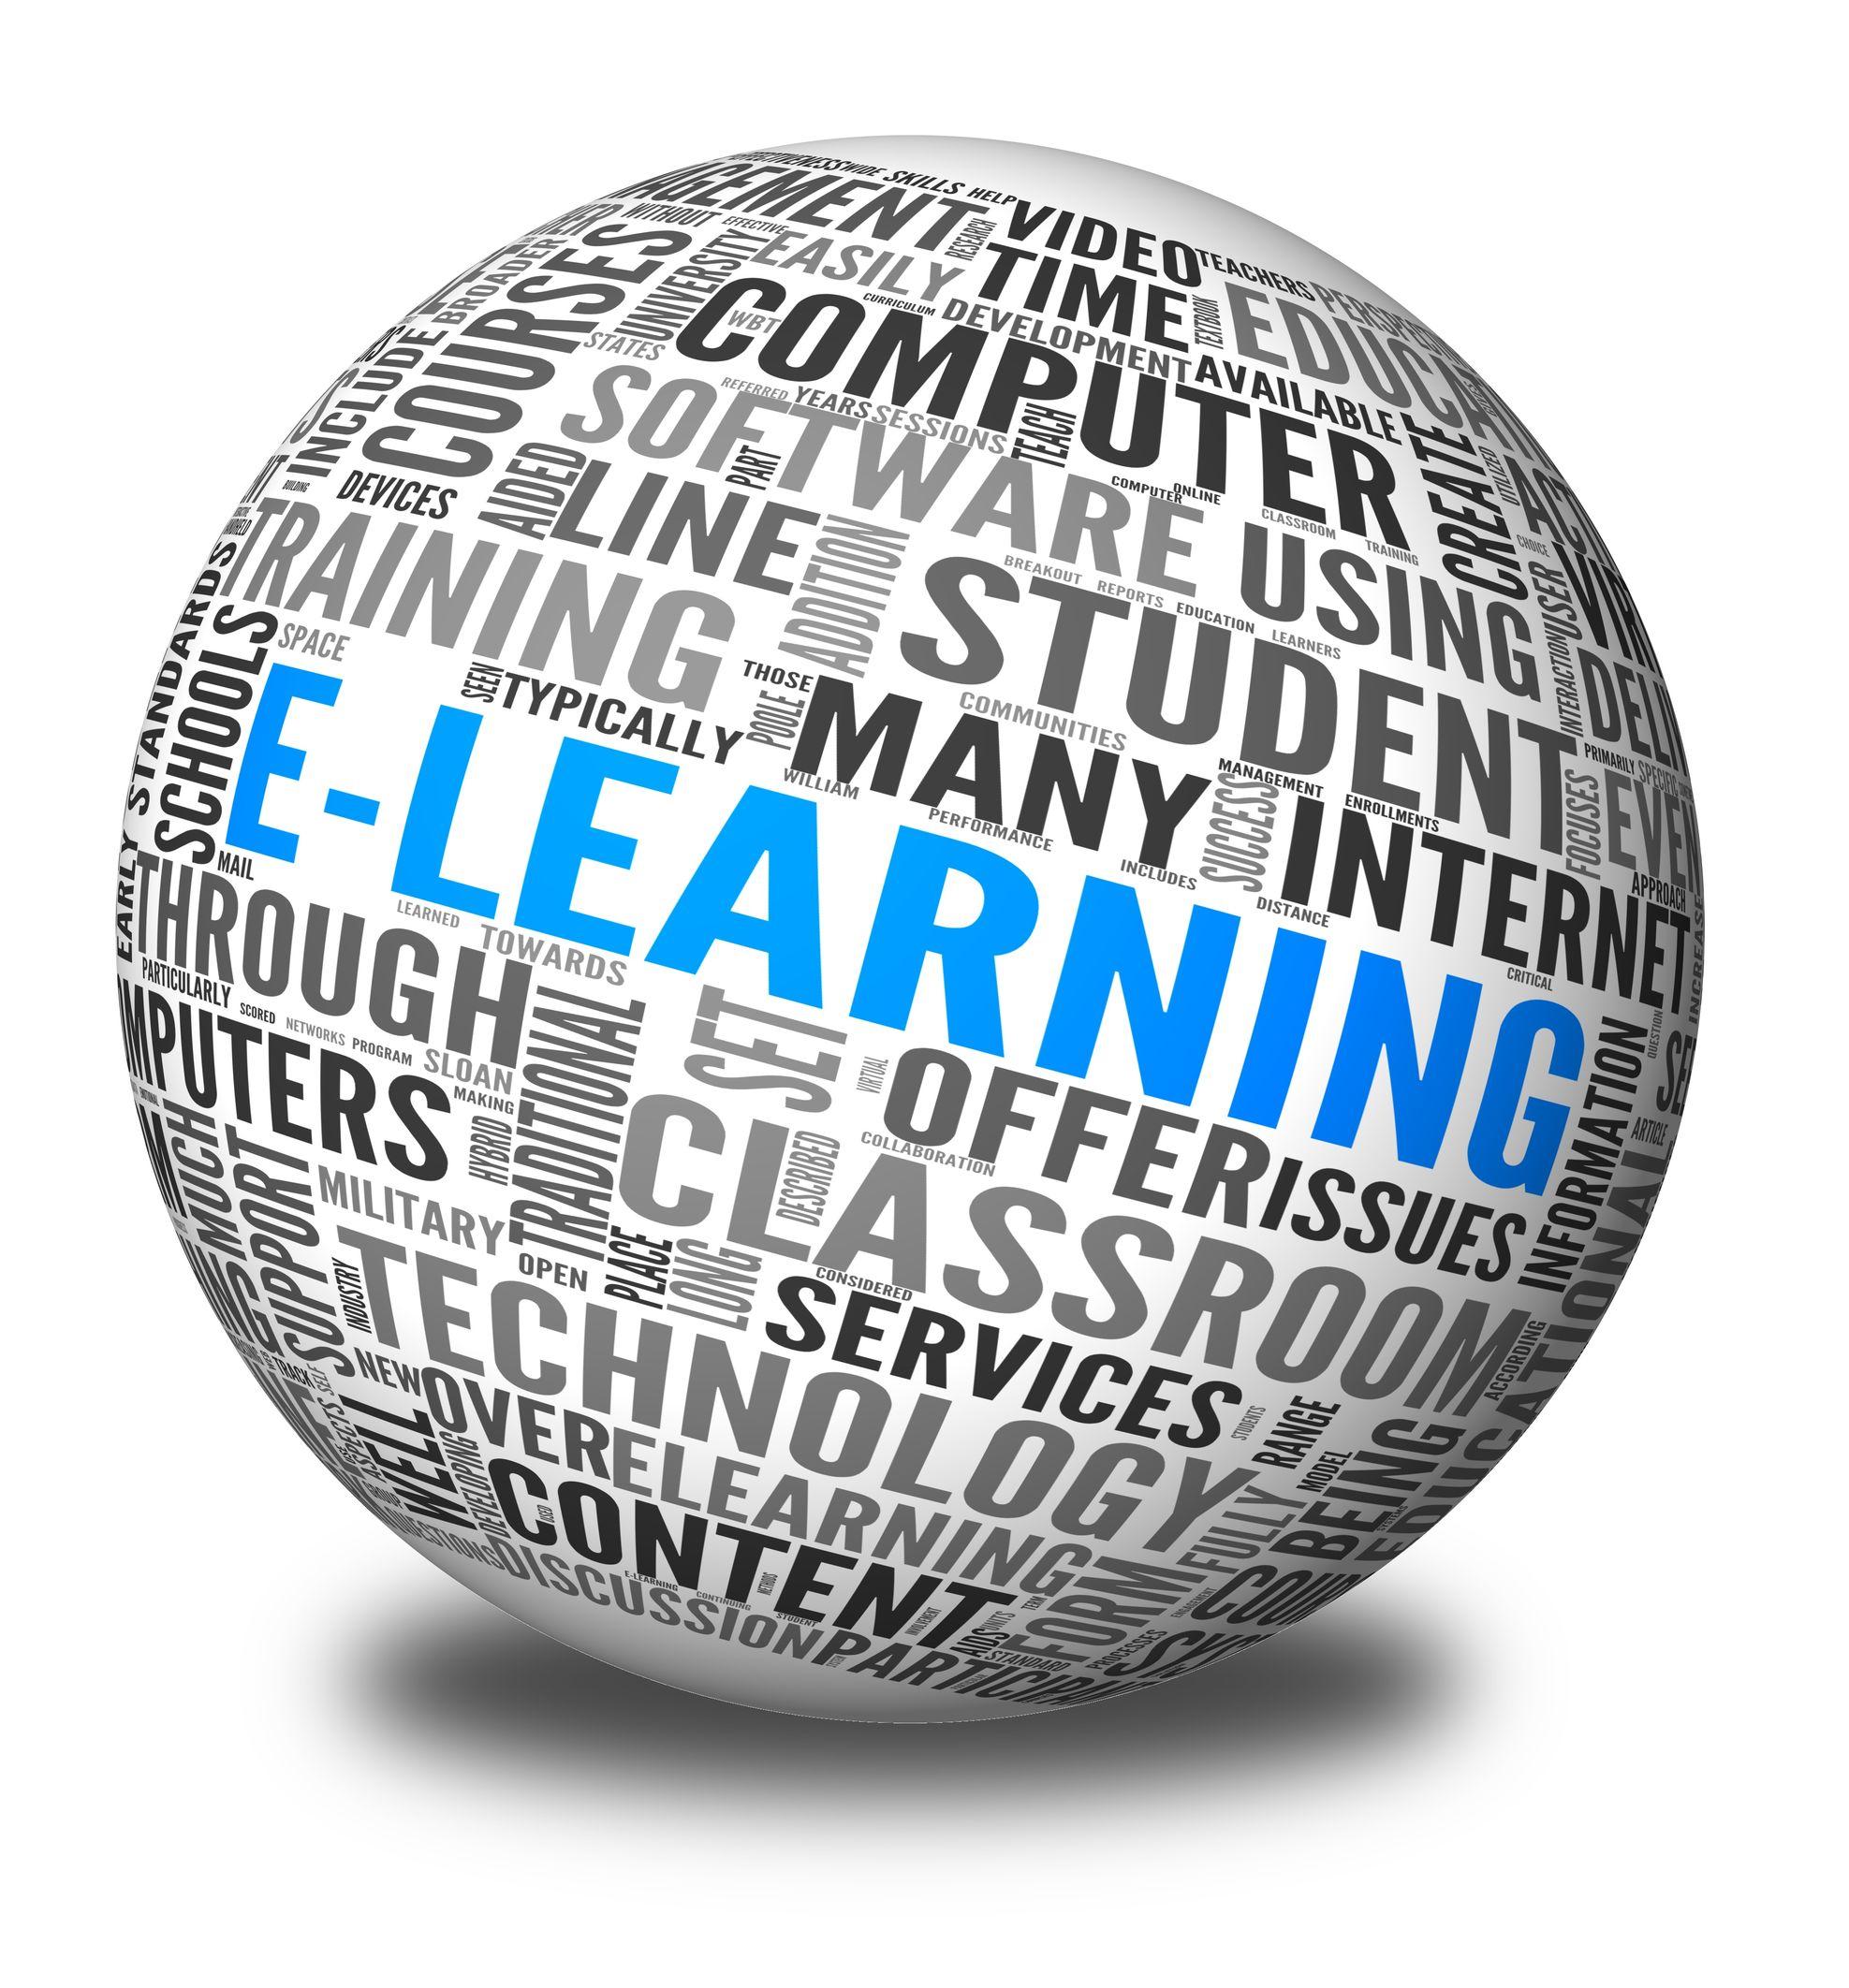 E-lerning